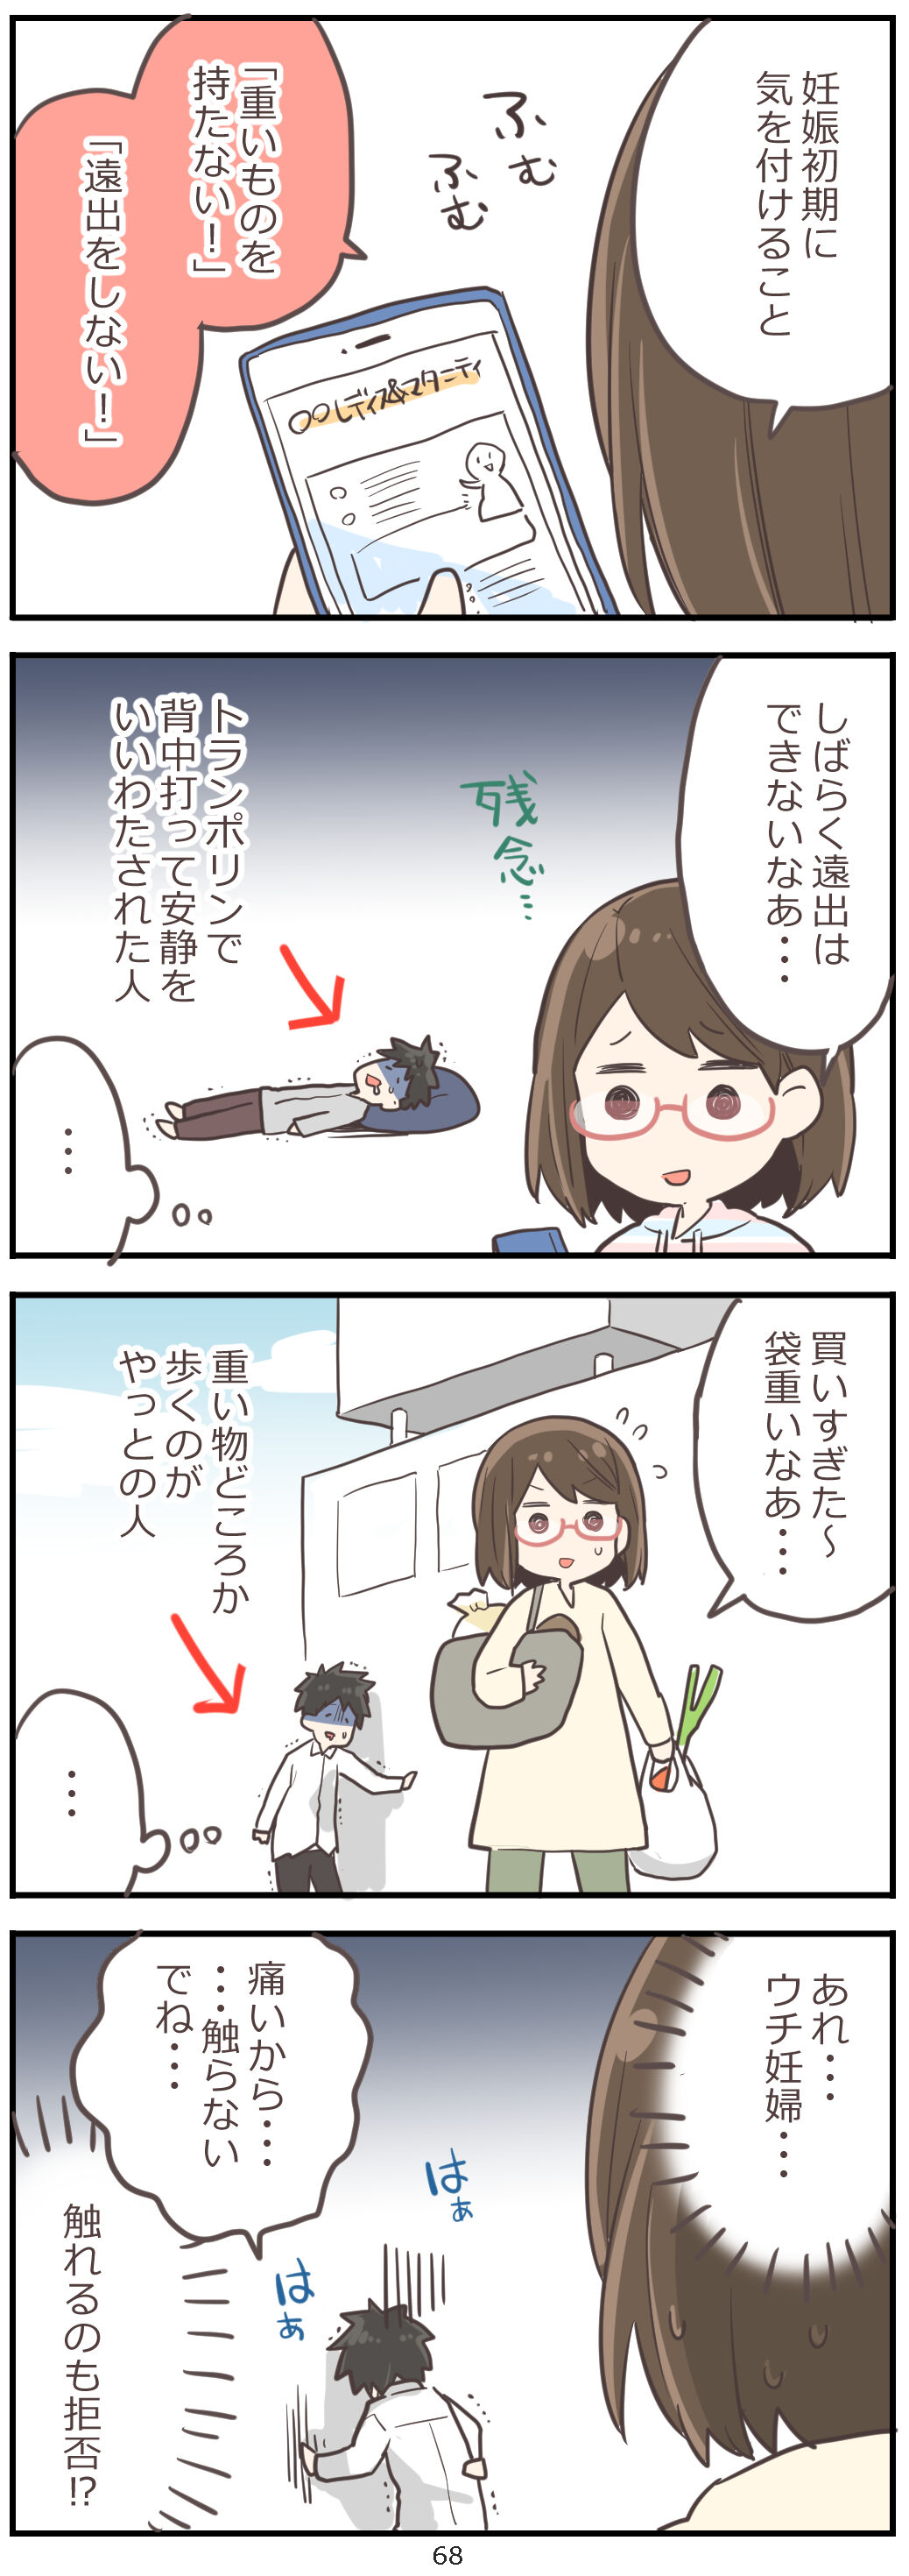 「妊活レベル1 まっふの冒険記」第68話